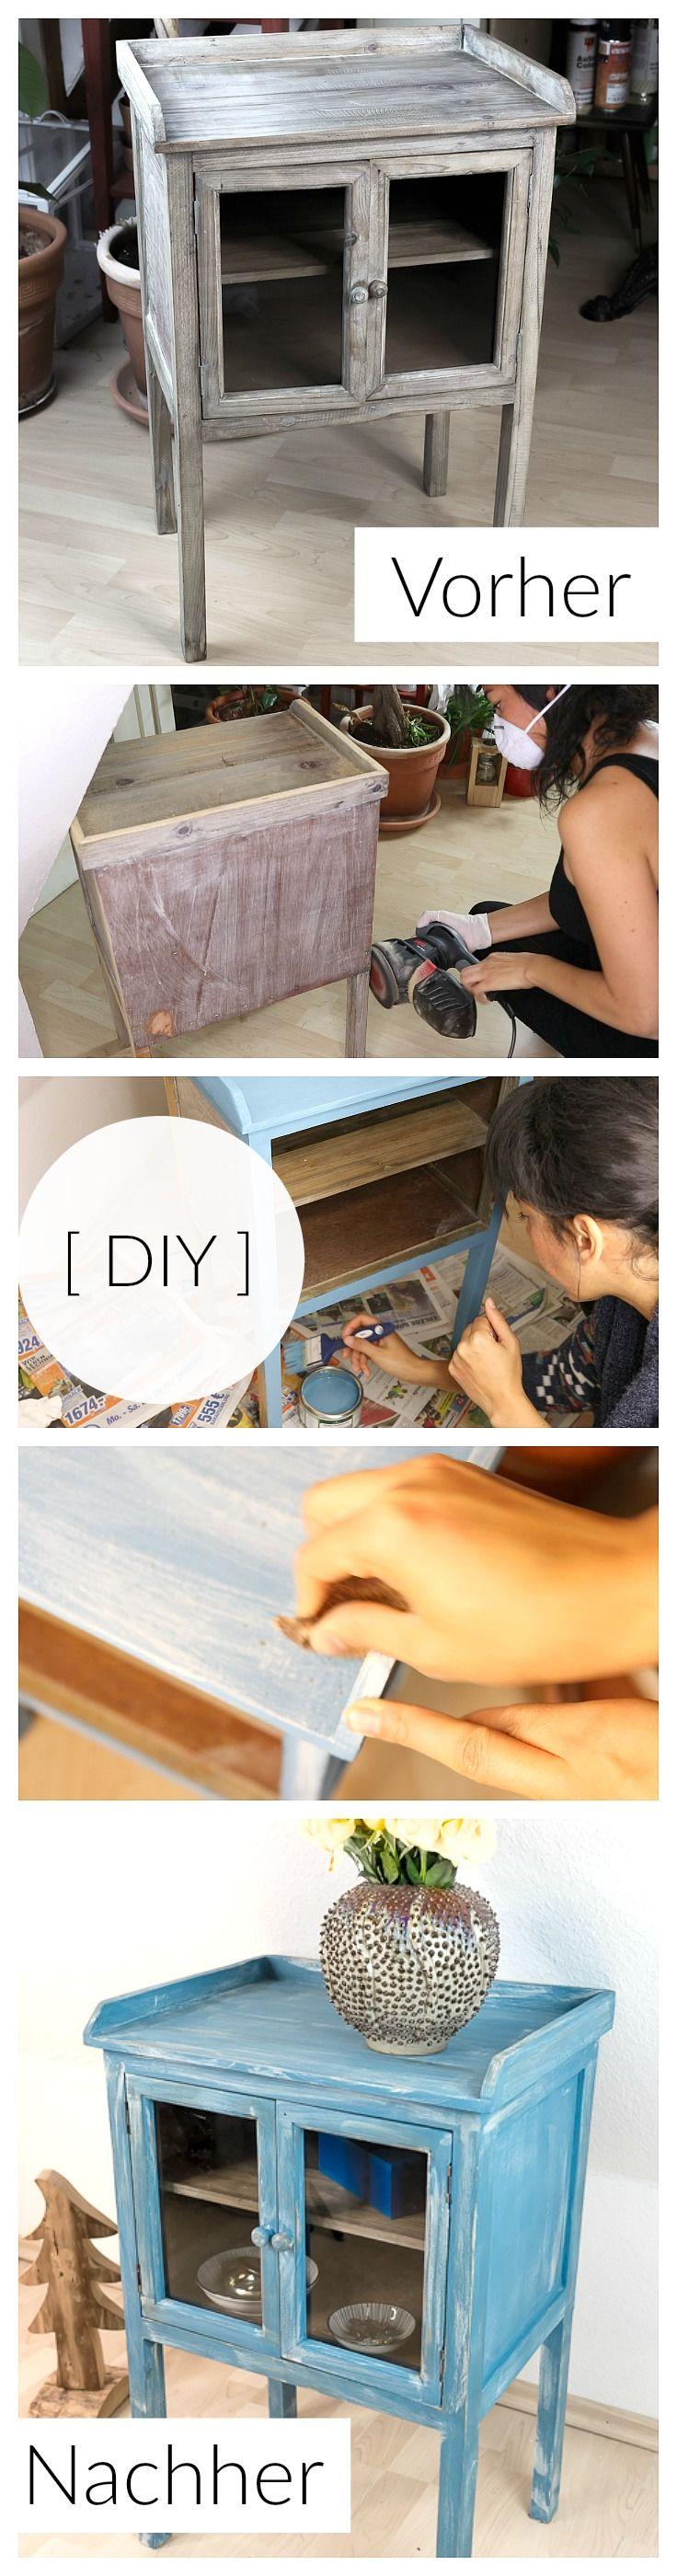 DIY Möbel mit Kreidefarbe streichen | Wie ich ein Möbelstück für das Streichen vorbereite und mit der Kreidefarbe von Borma Wachs streiche | Möbel streichen | Möbel gestalten | Chalk Paint für Möbel | Kreidefarbe für Möbel | DIY Anleitung Deutsch | Ausführliche Anleitung | DIY Idee | Möbel selbst streichen